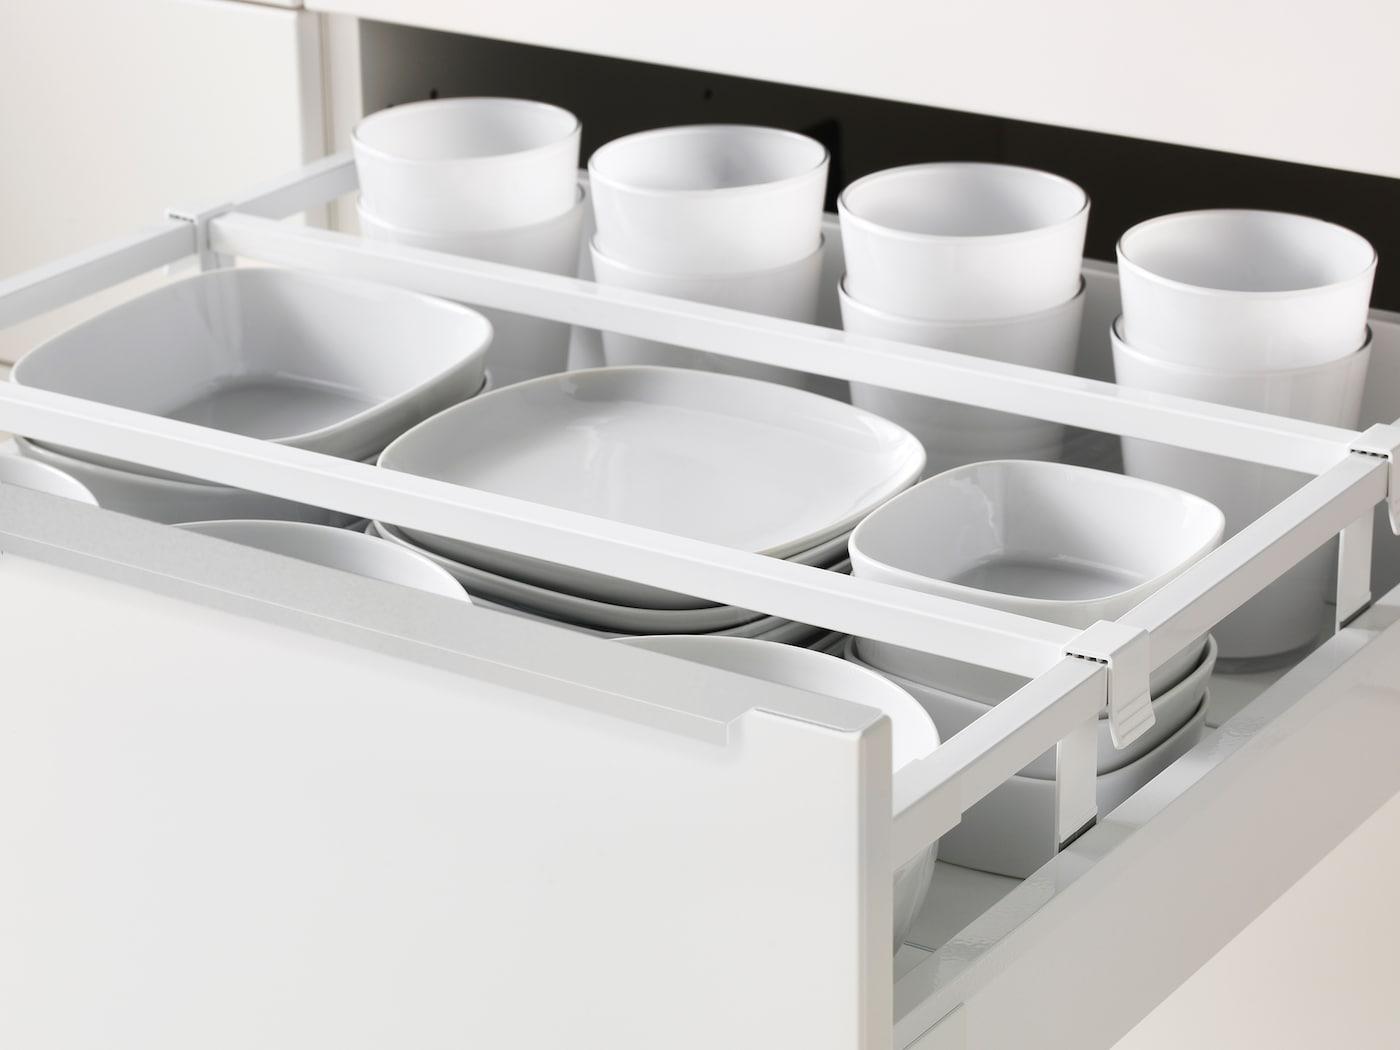 Full Size of Kchenschrnke Organisieren Praktische Tipps Ikea Deutschland Sofa Hersteller Schubladeneinsatz Küche Wohnzimmer Schubladeneinsatz Teller